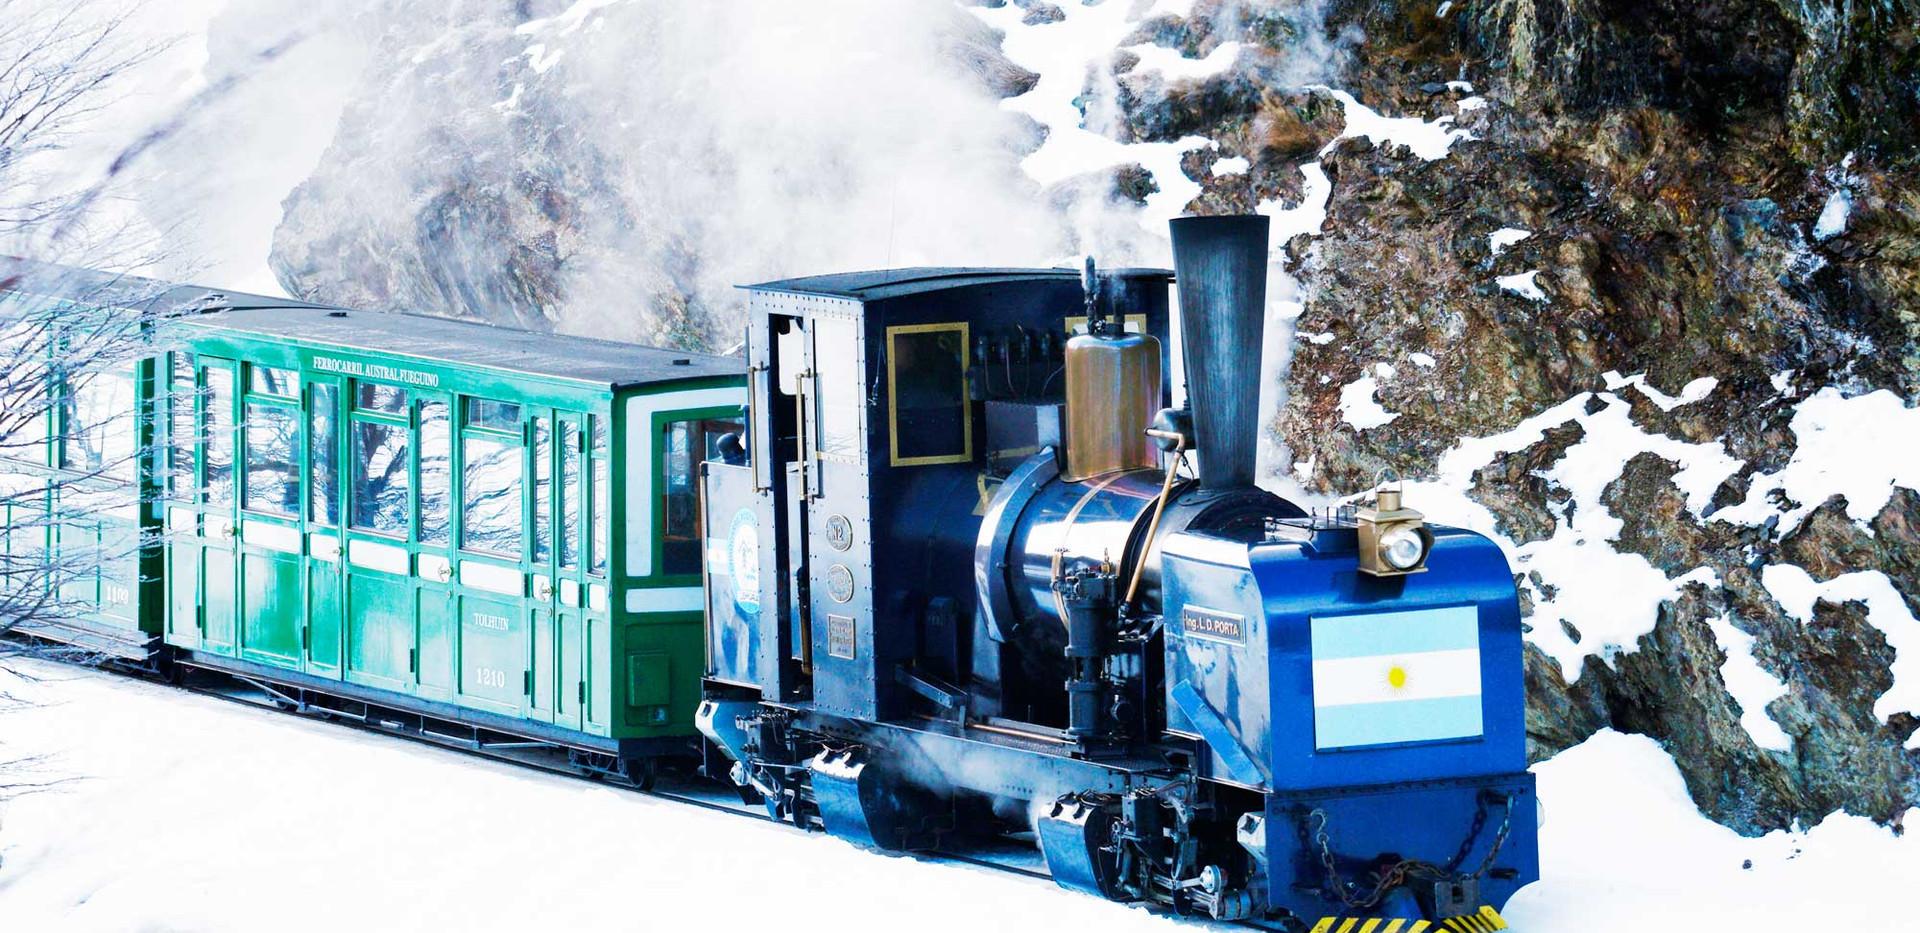 Tren de Fin del Mundo